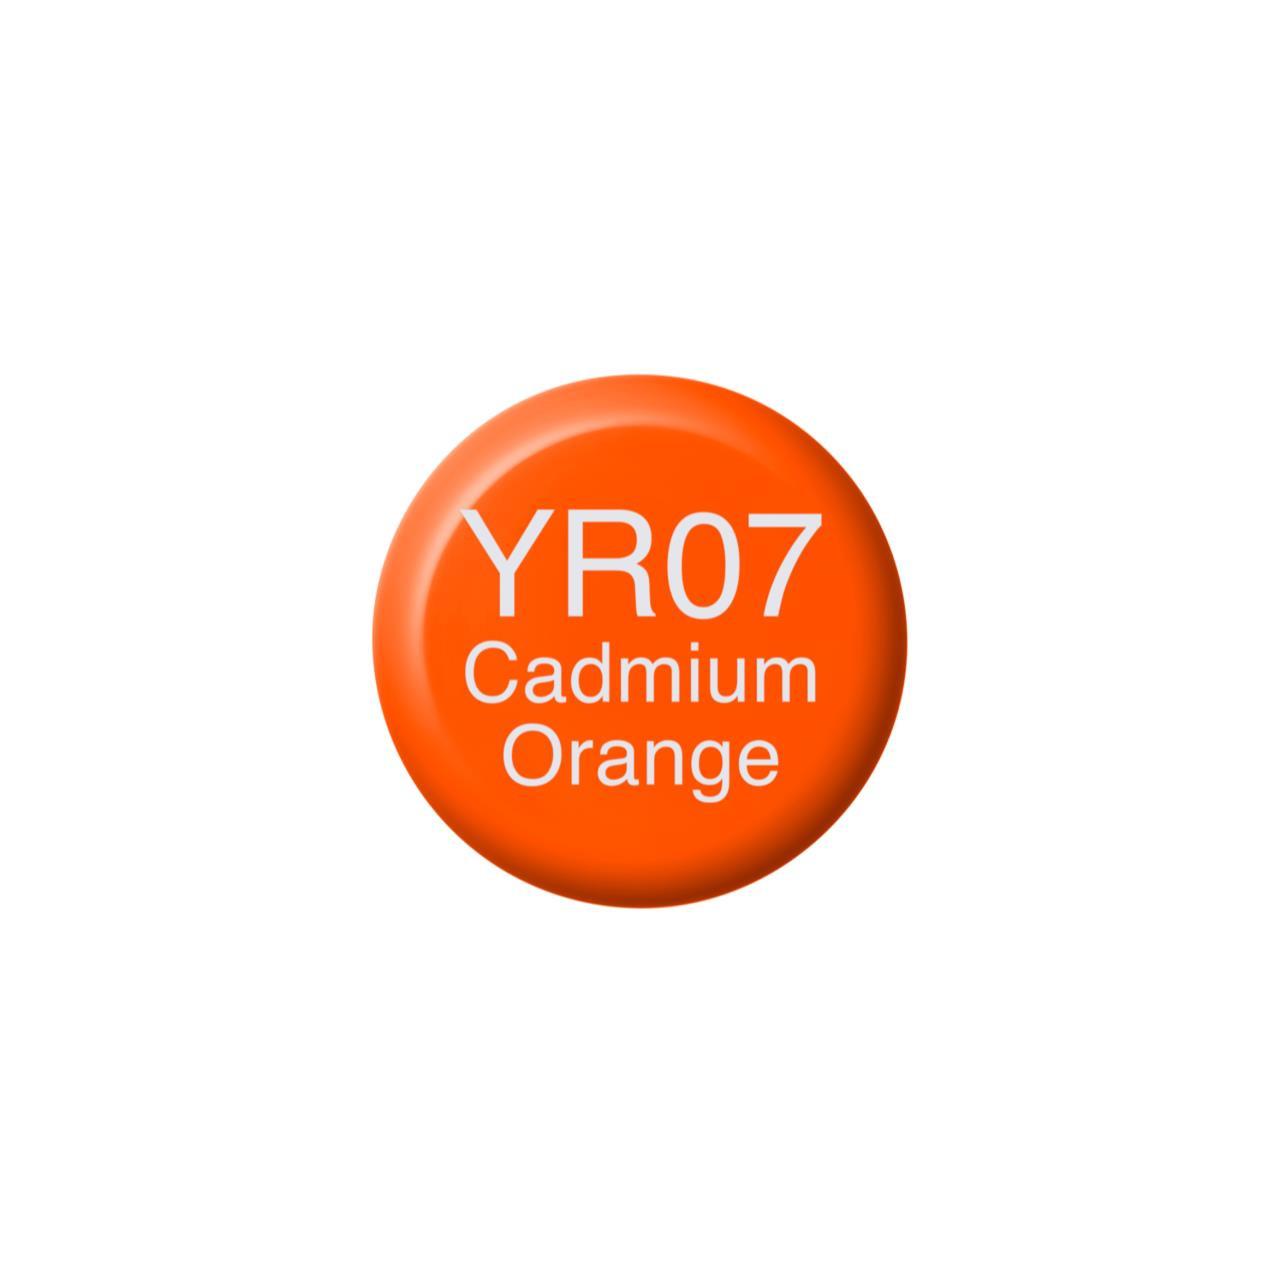 YR07 Cadium Orange, Copic Ink - 4511338058633